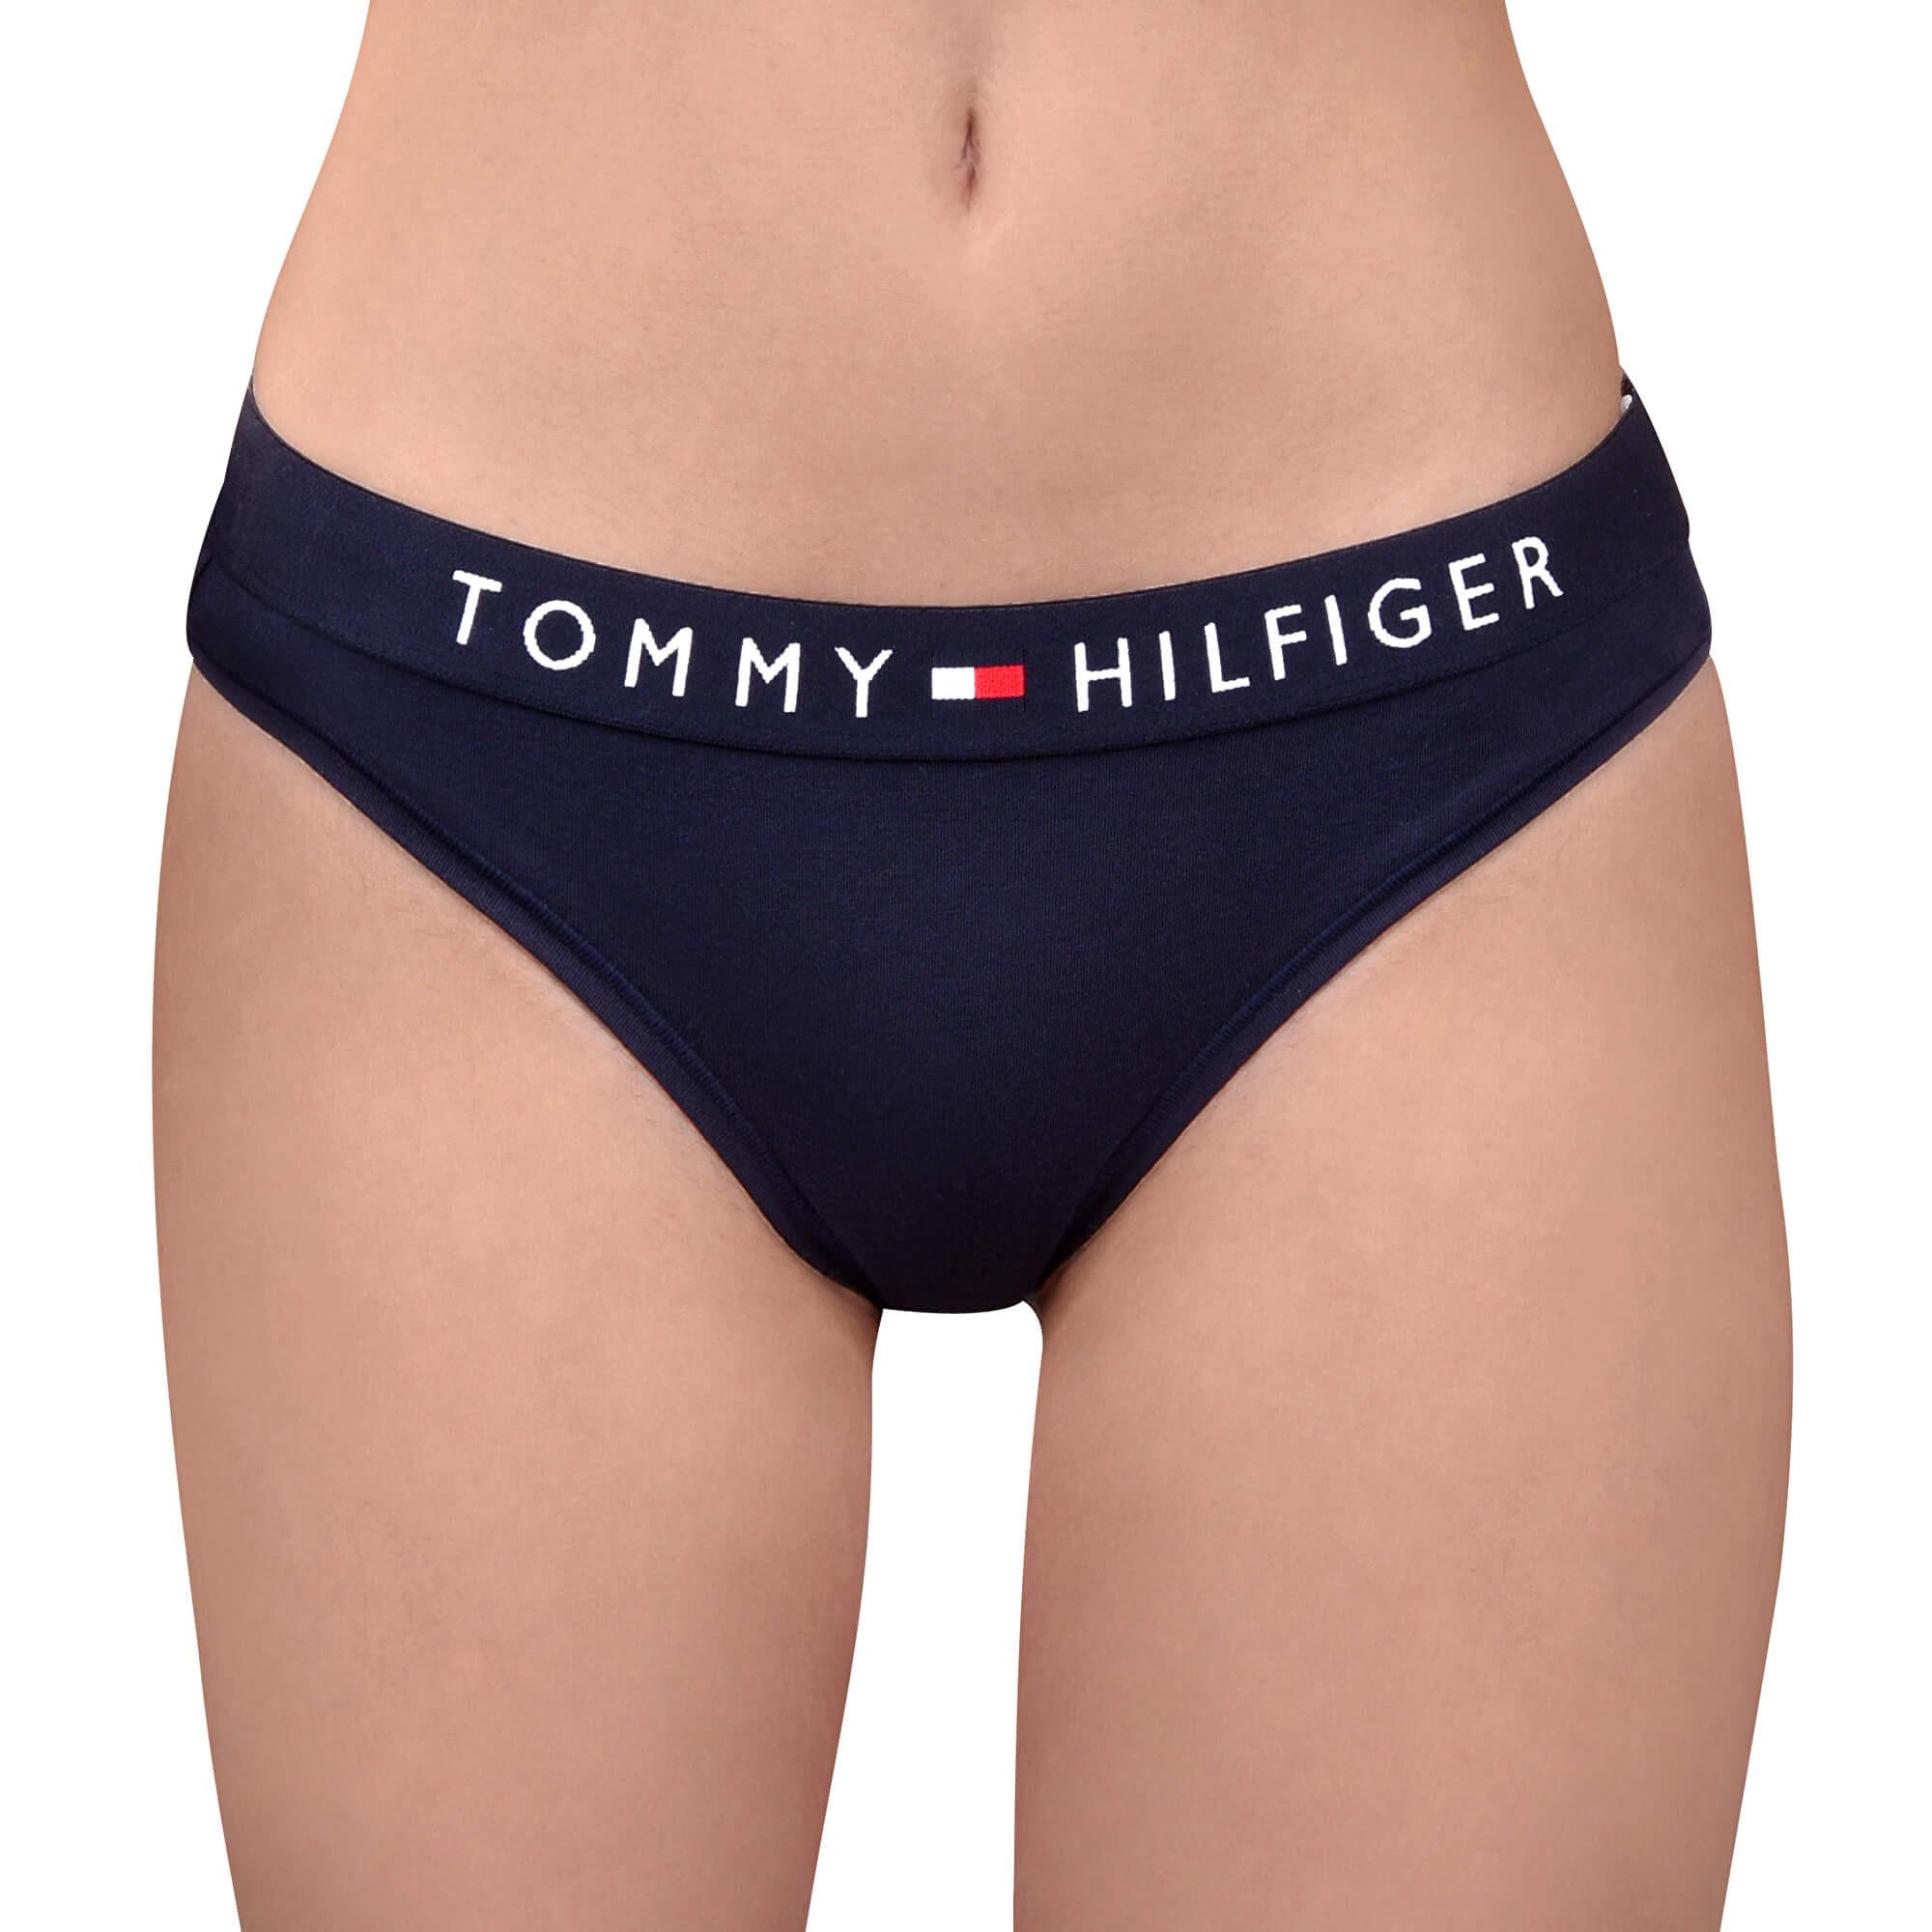 Dámské kalhotky Tommy Hilfiger tmavě modré (UW0UW01566 416) L